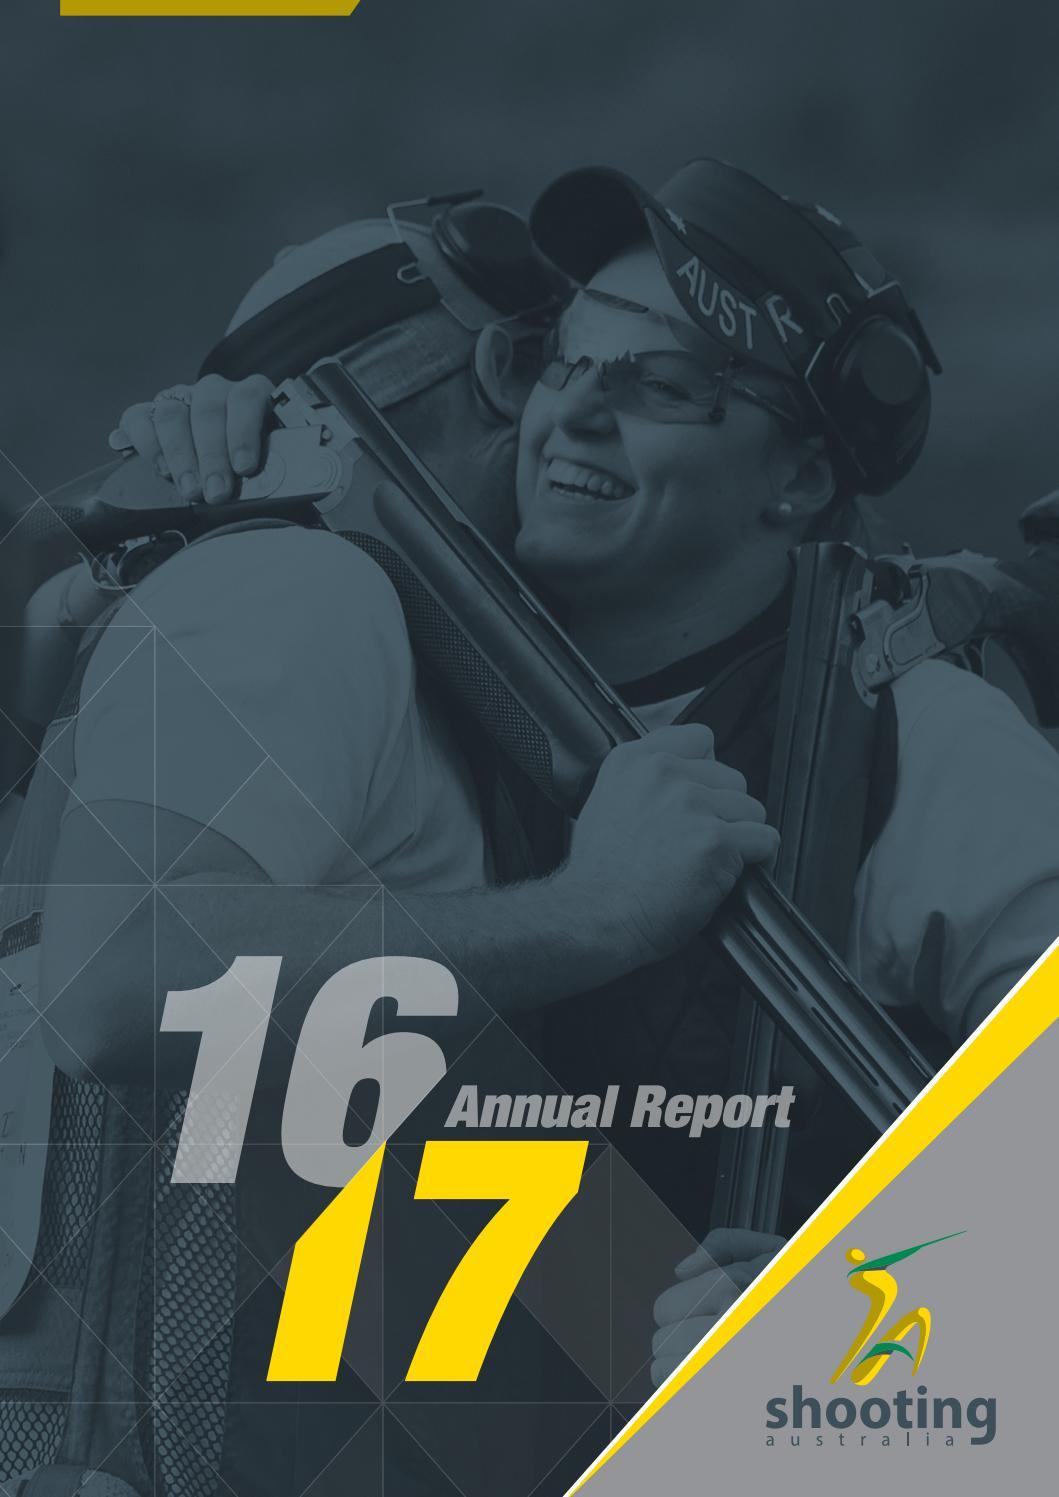 Aisl Shooting shooting australia annual report 2015-16shooting